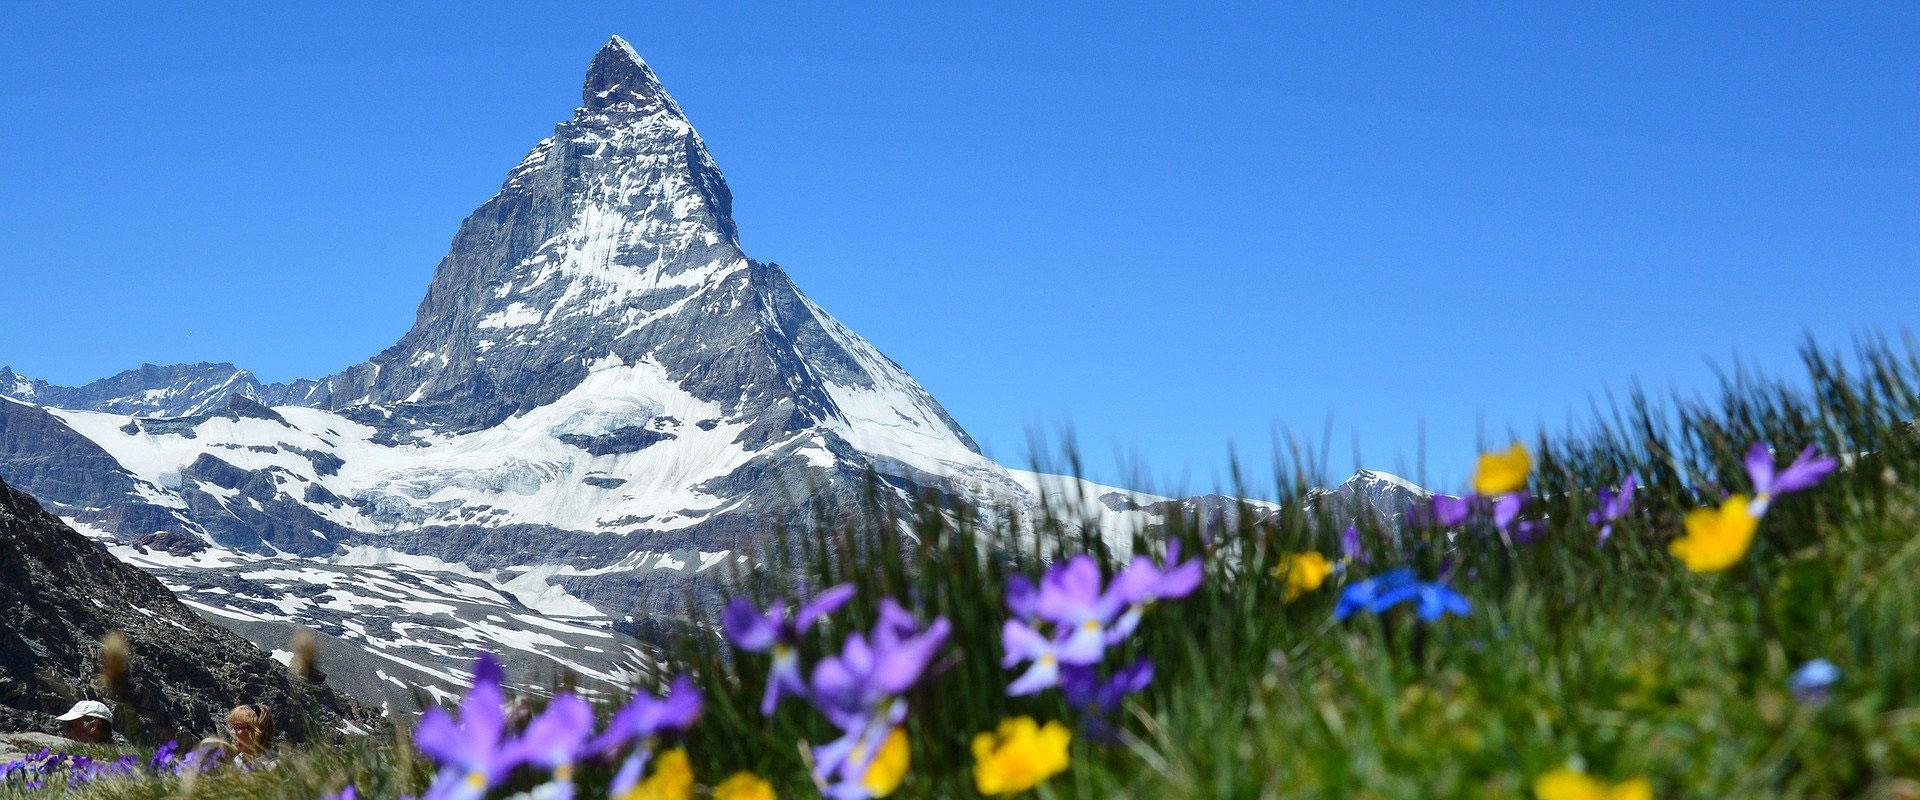 Das Matterhorn bei Zermatt im Wallis